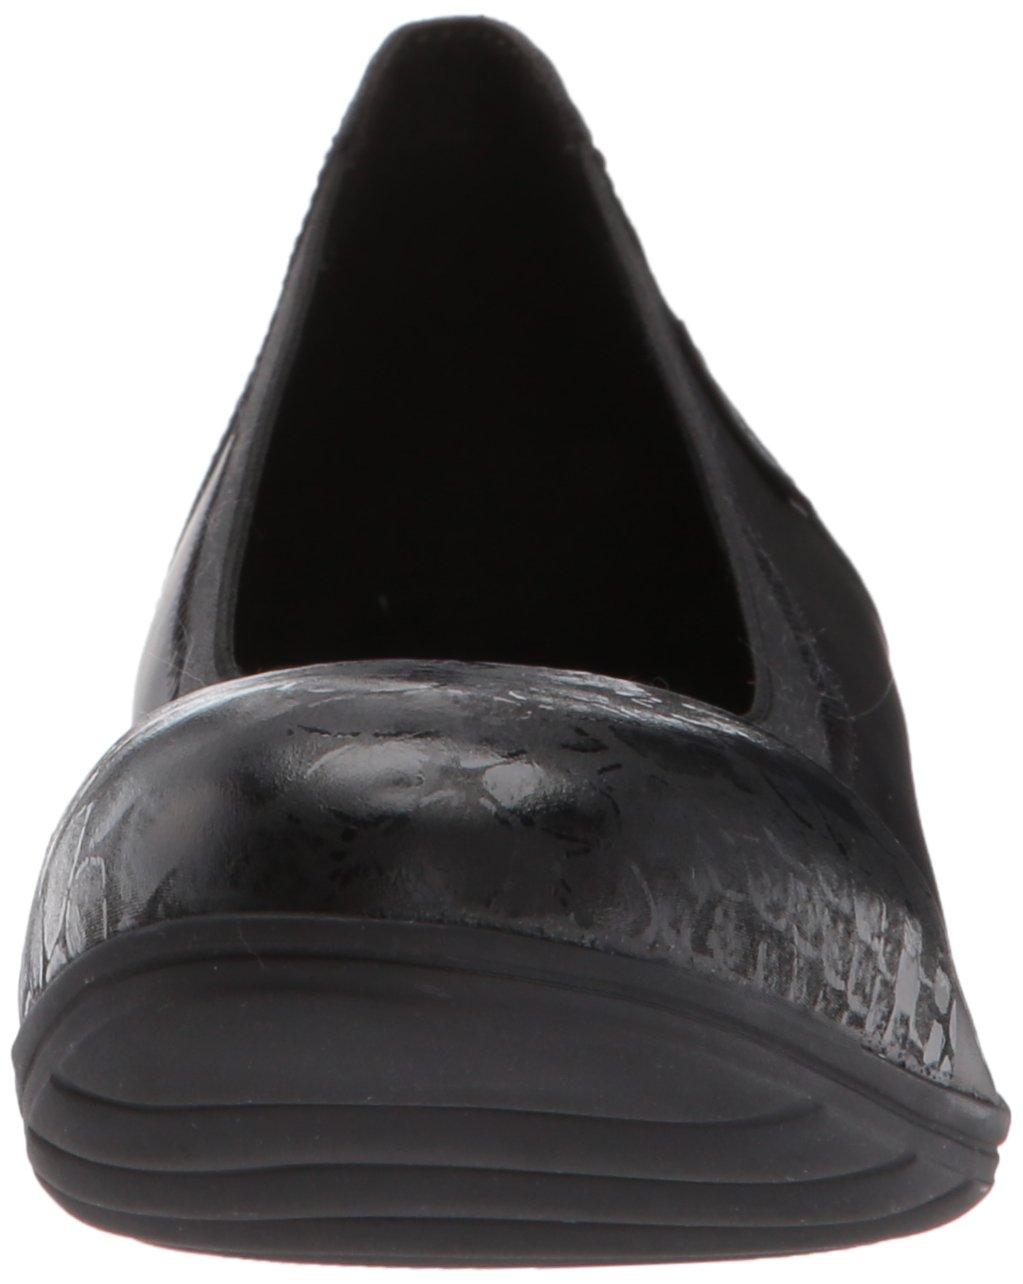 Mephisto Women's Elettra Ballet Flat Queen/Silk B06XKMBJSV 8.5 B(M) US Black Queen/Silk Flat da2321